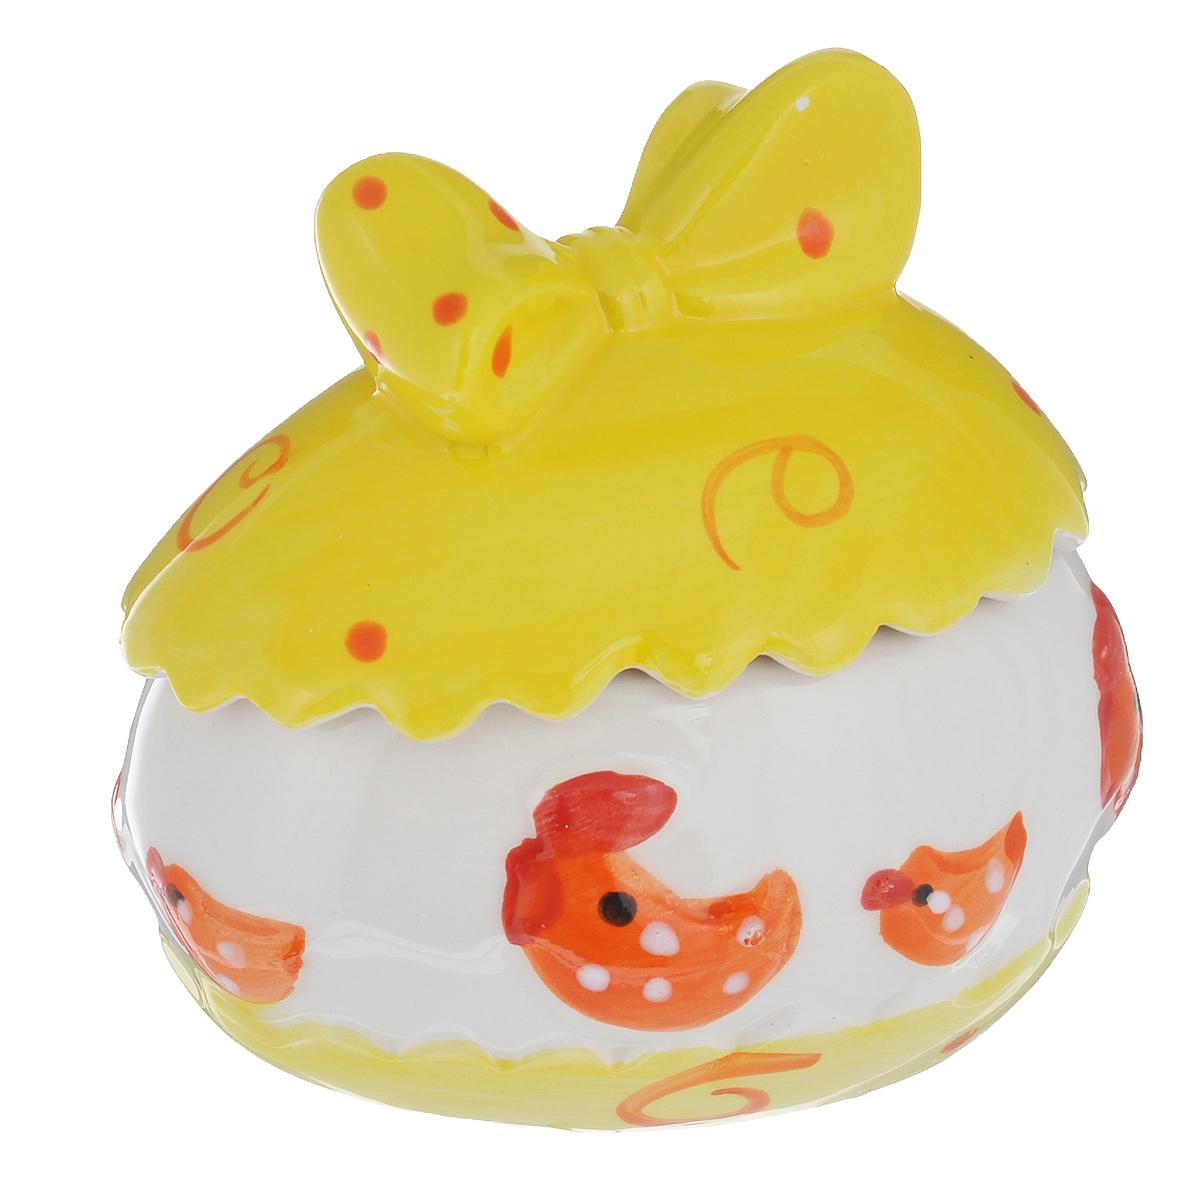 Шкатулка декоративная Home Queen Скорлупа, цвет: желтый, белый55271_2Шкатулка Home Queen Скорлупа изготовлена из керамики в виде яйца и украшена рельефным рисунком. Крышка шкатулки декорирована бантиком. Изящная шкатулка прекрасно подойдет для хранения пасхальных принадлежностей и аксессуаров, а также красиво украсит интерьер комнаты или станет приятным подарком. Размер (с учетом крышки): 8 см х 6 см х 8 см.